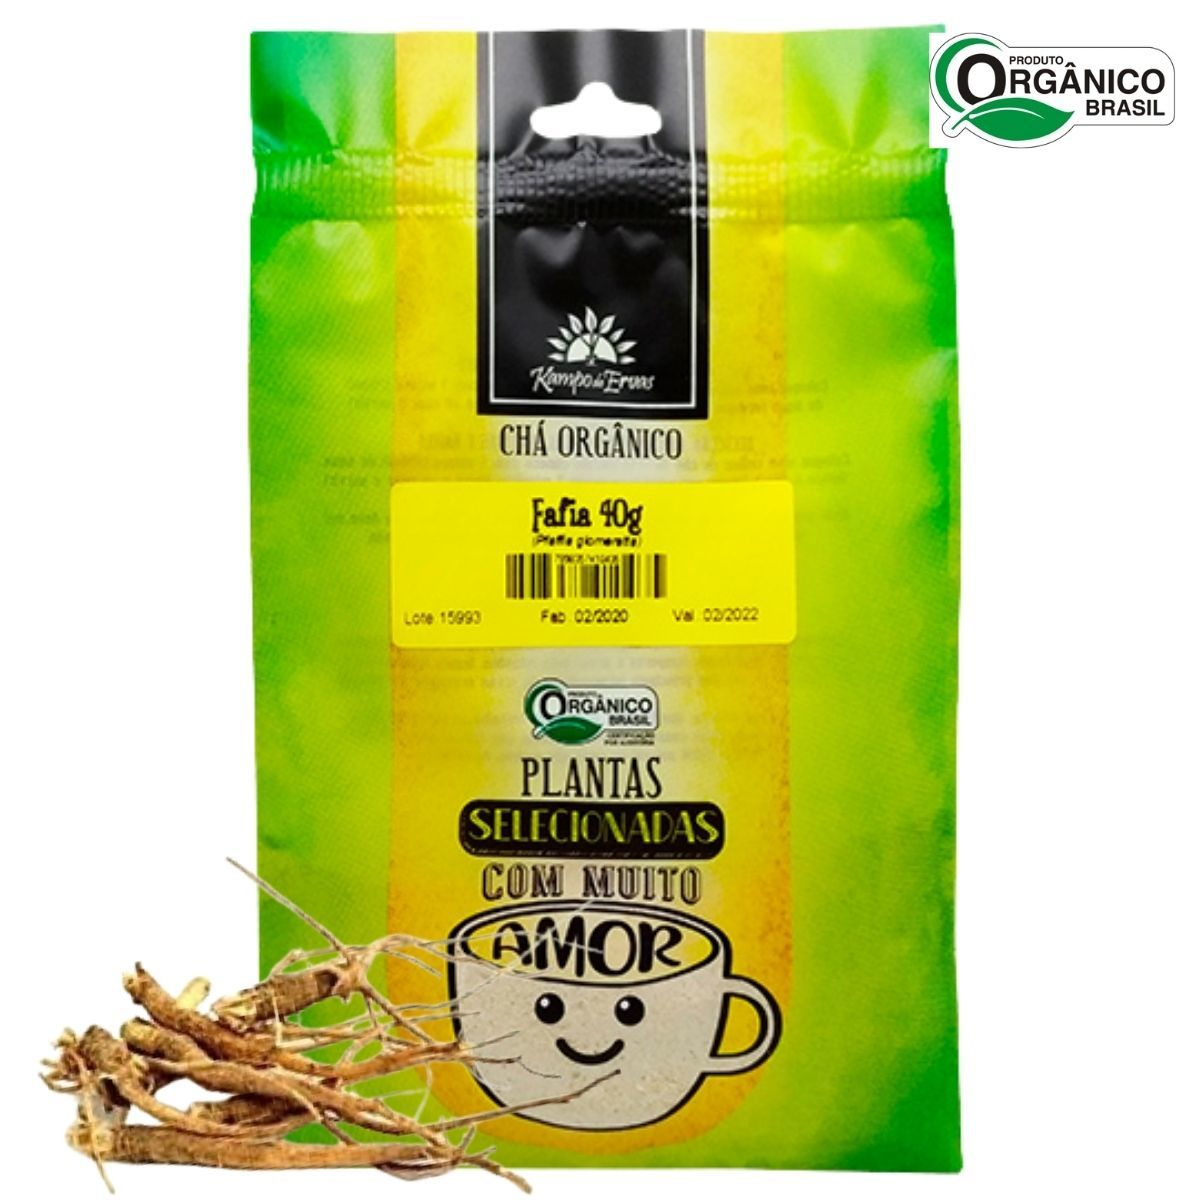 Fáfia Chá Orgânico em pó das Raízes Kampo de Ervas 40 gramas